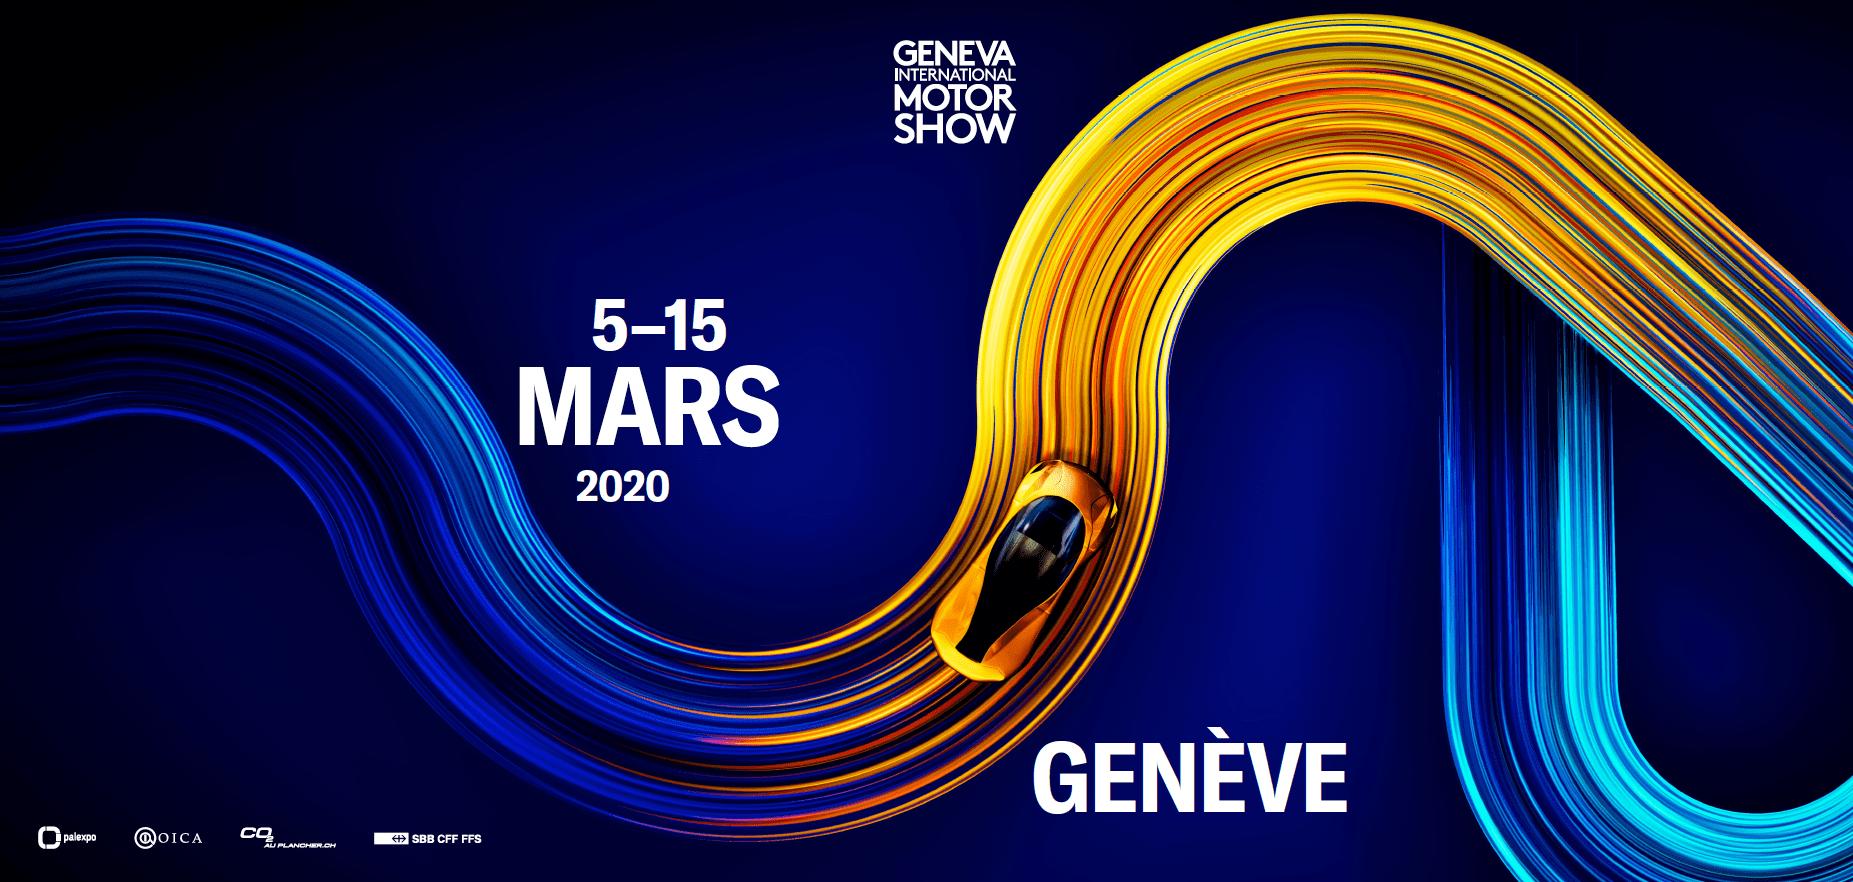 Salon international de l'Automobile de Genève 2020